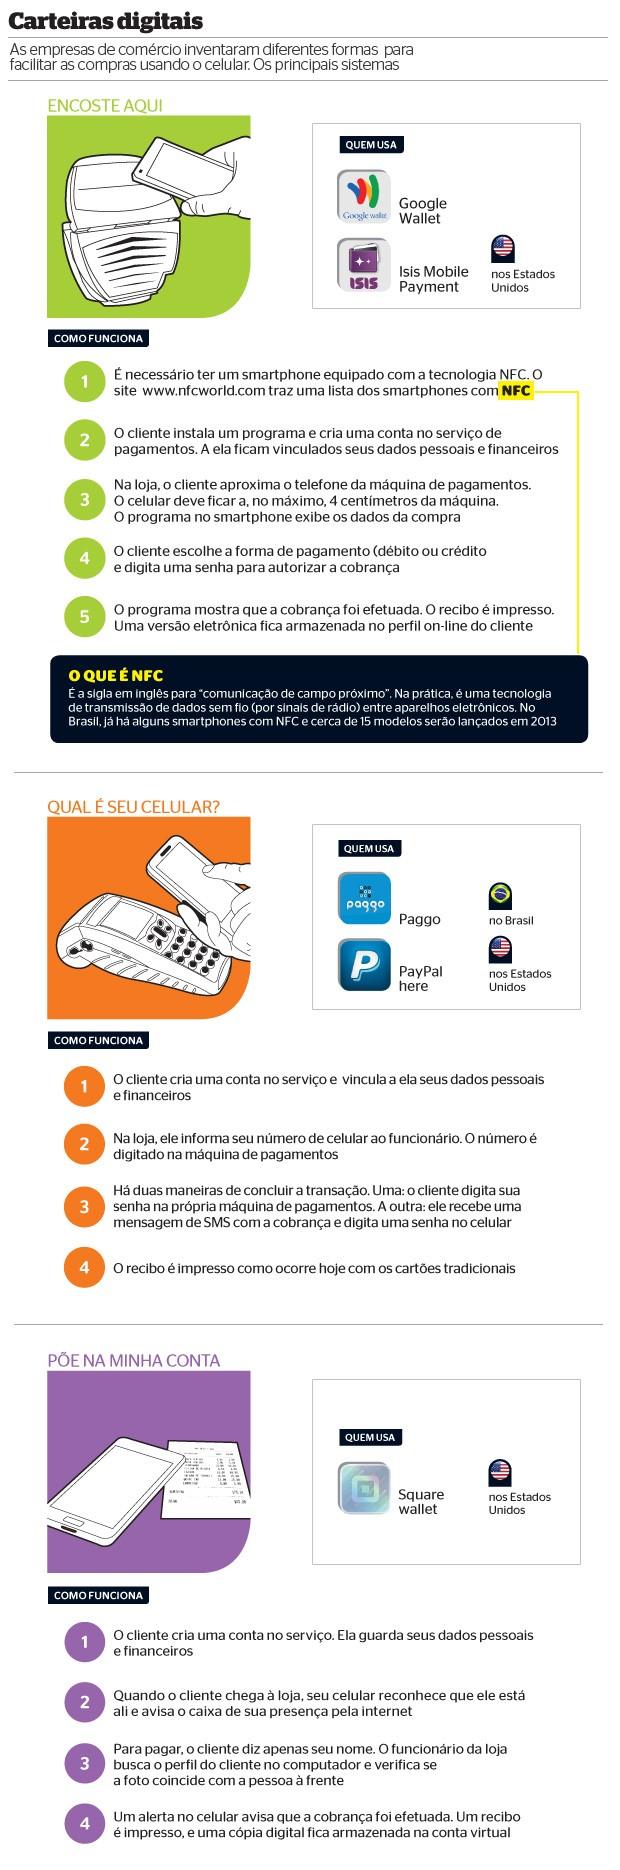 Carteiras digitais (Foto: Reprodução/Revista ÉPOCA)